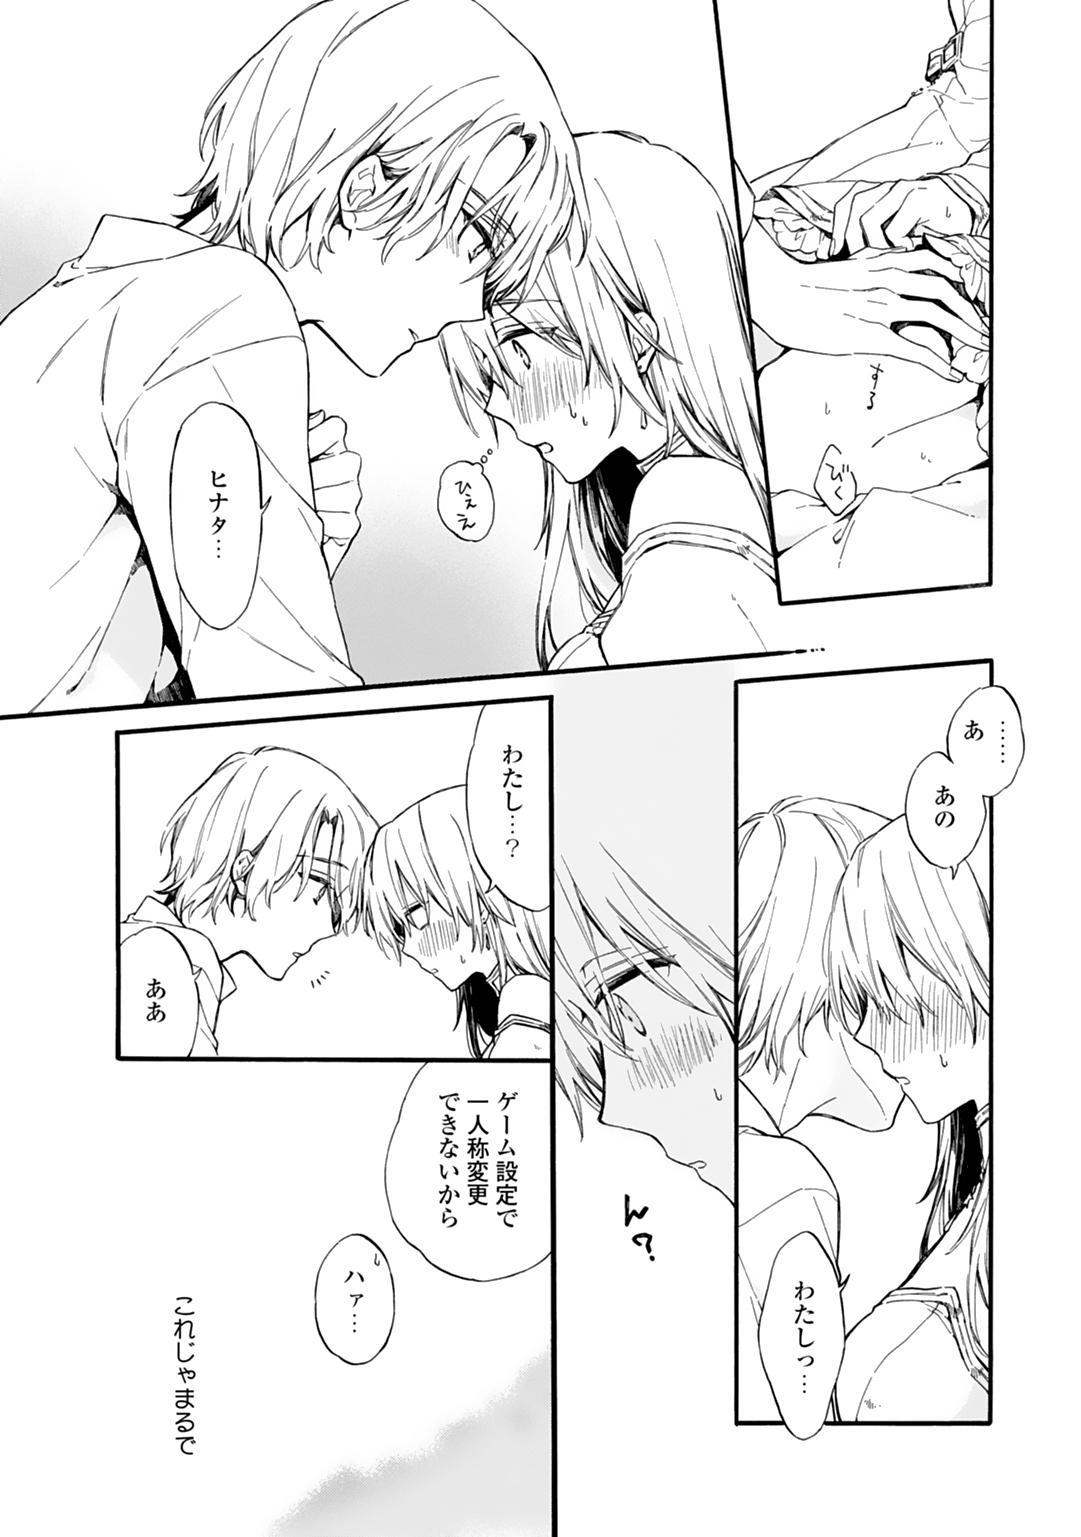 [Suzushiro Nerita] Otomege (18-kin) de Nyotaika shita Ore wa ~Clear Jouken wa Dekiai Ecchi!?~ 1-2 19